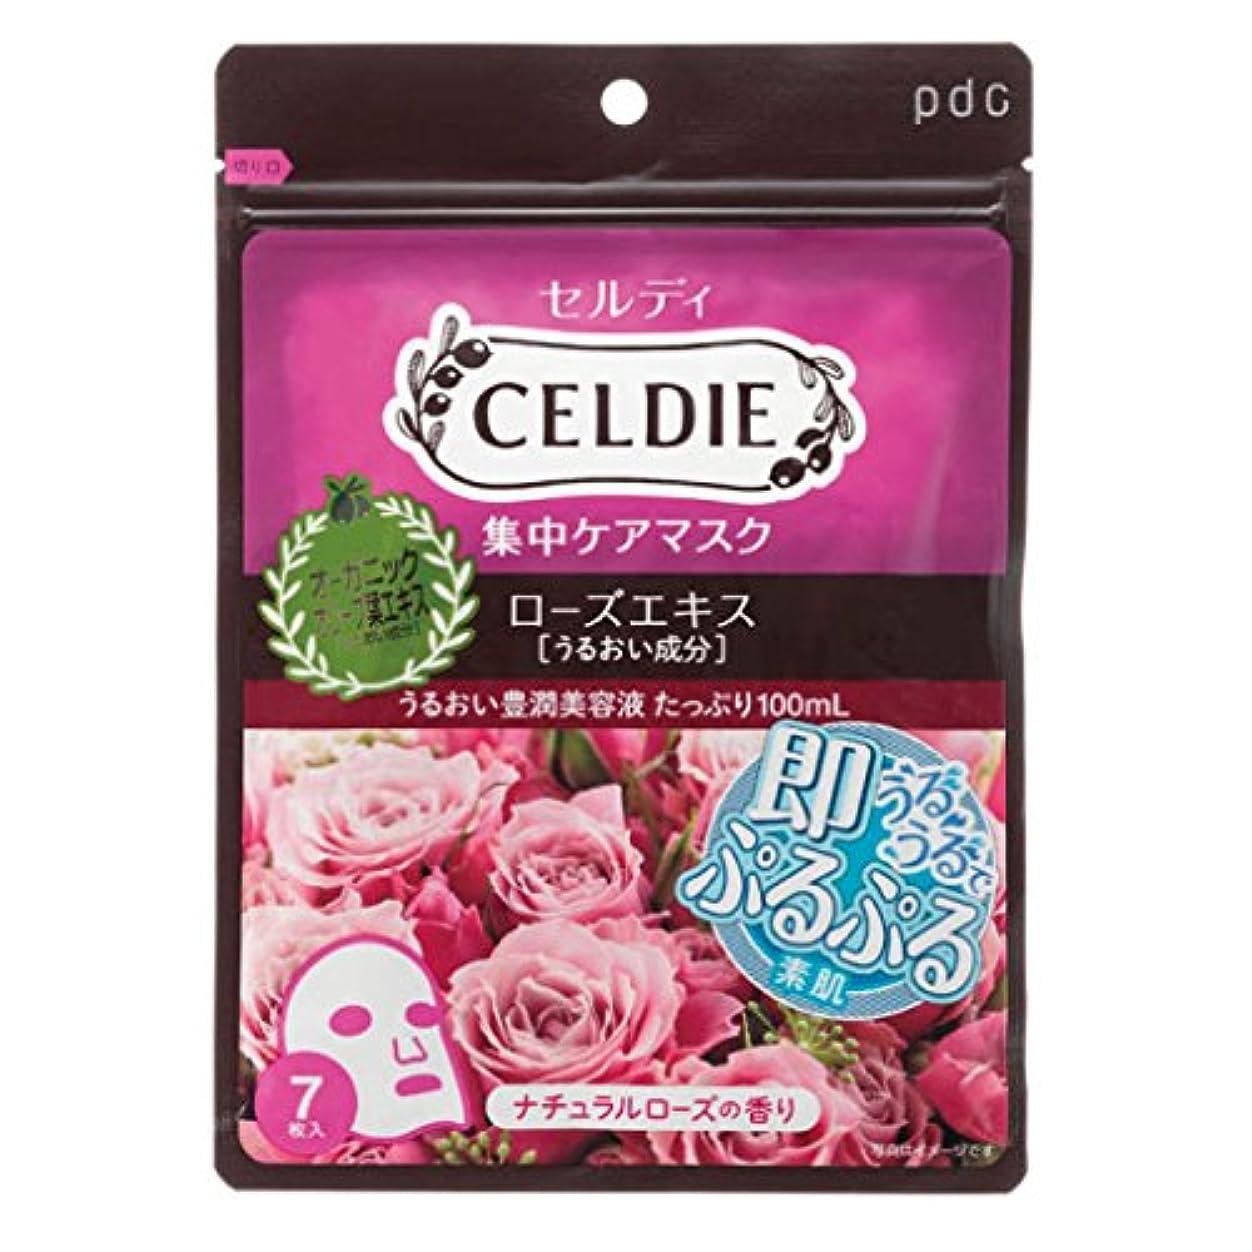 理想的倍増乱闘CELDIE(セルディ) フェイスマスク ローズエキス 7枚